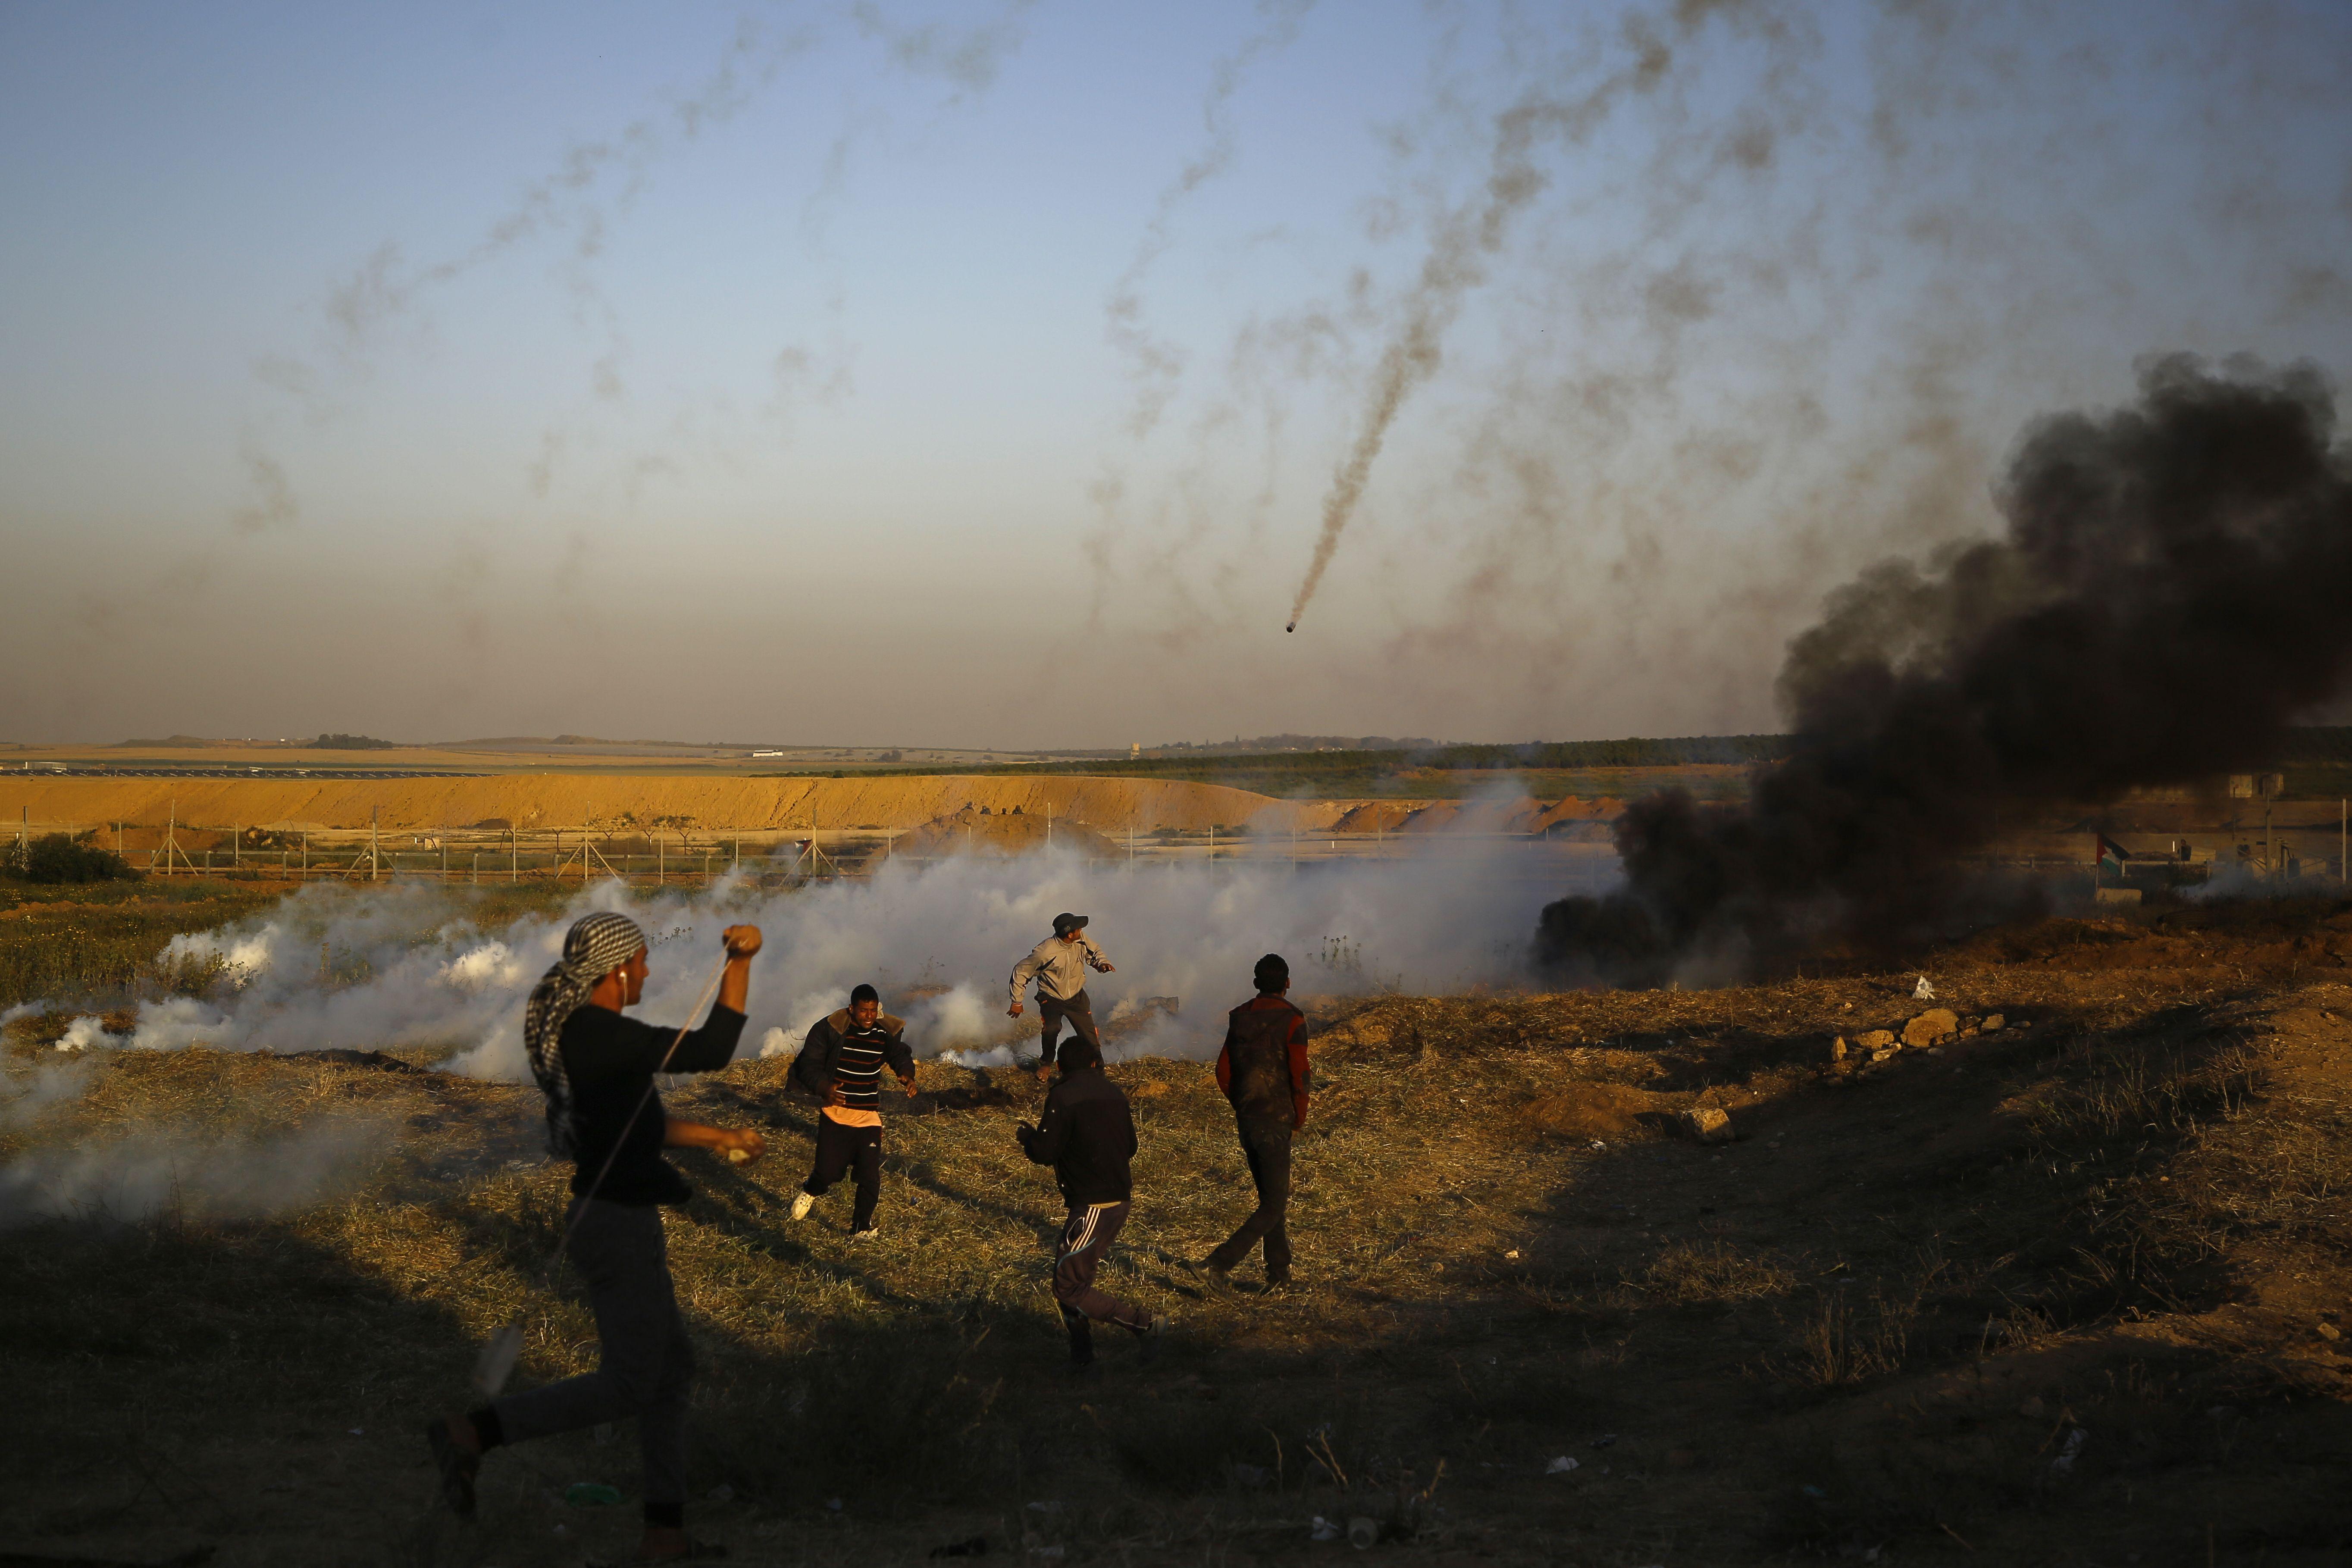 قوات الاحتلال تطلق وابل من قنابل الغزا على المحتجين